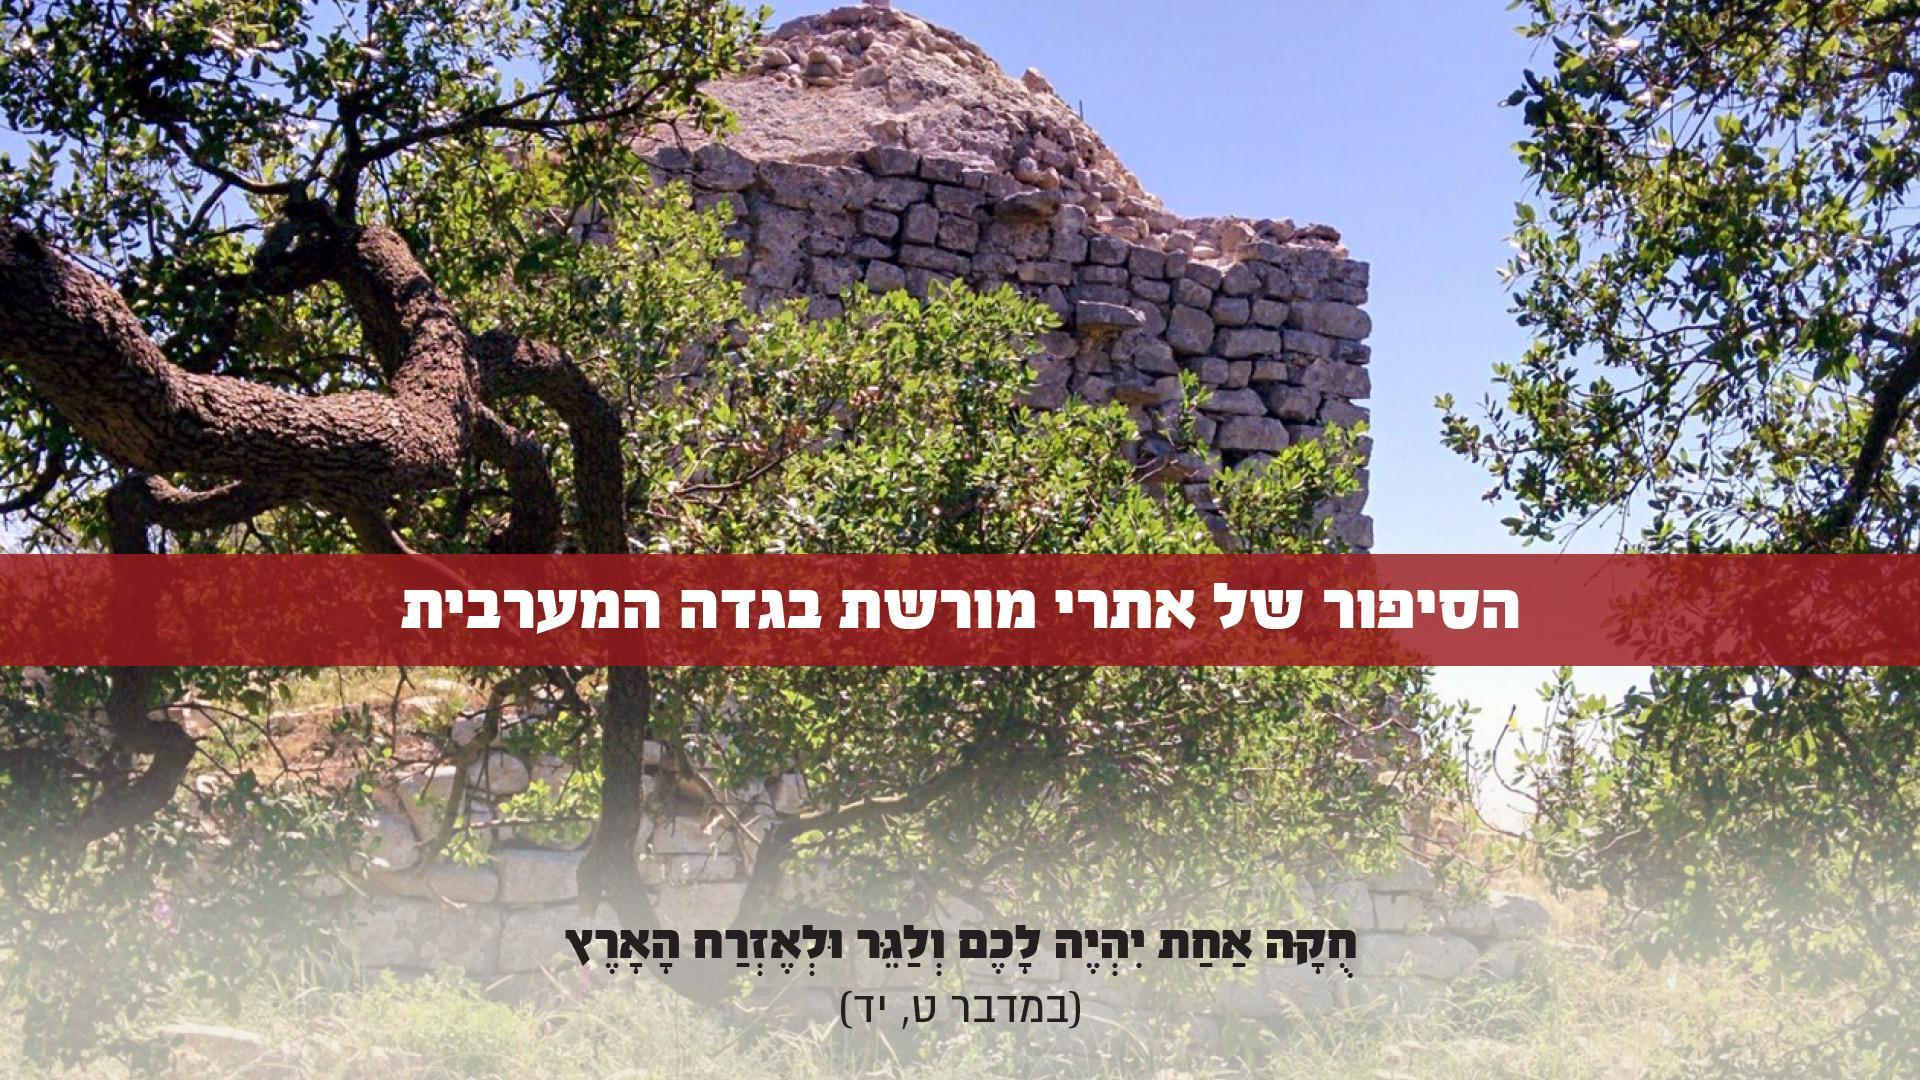 הסיפור של המקאמים בגדה המערבית